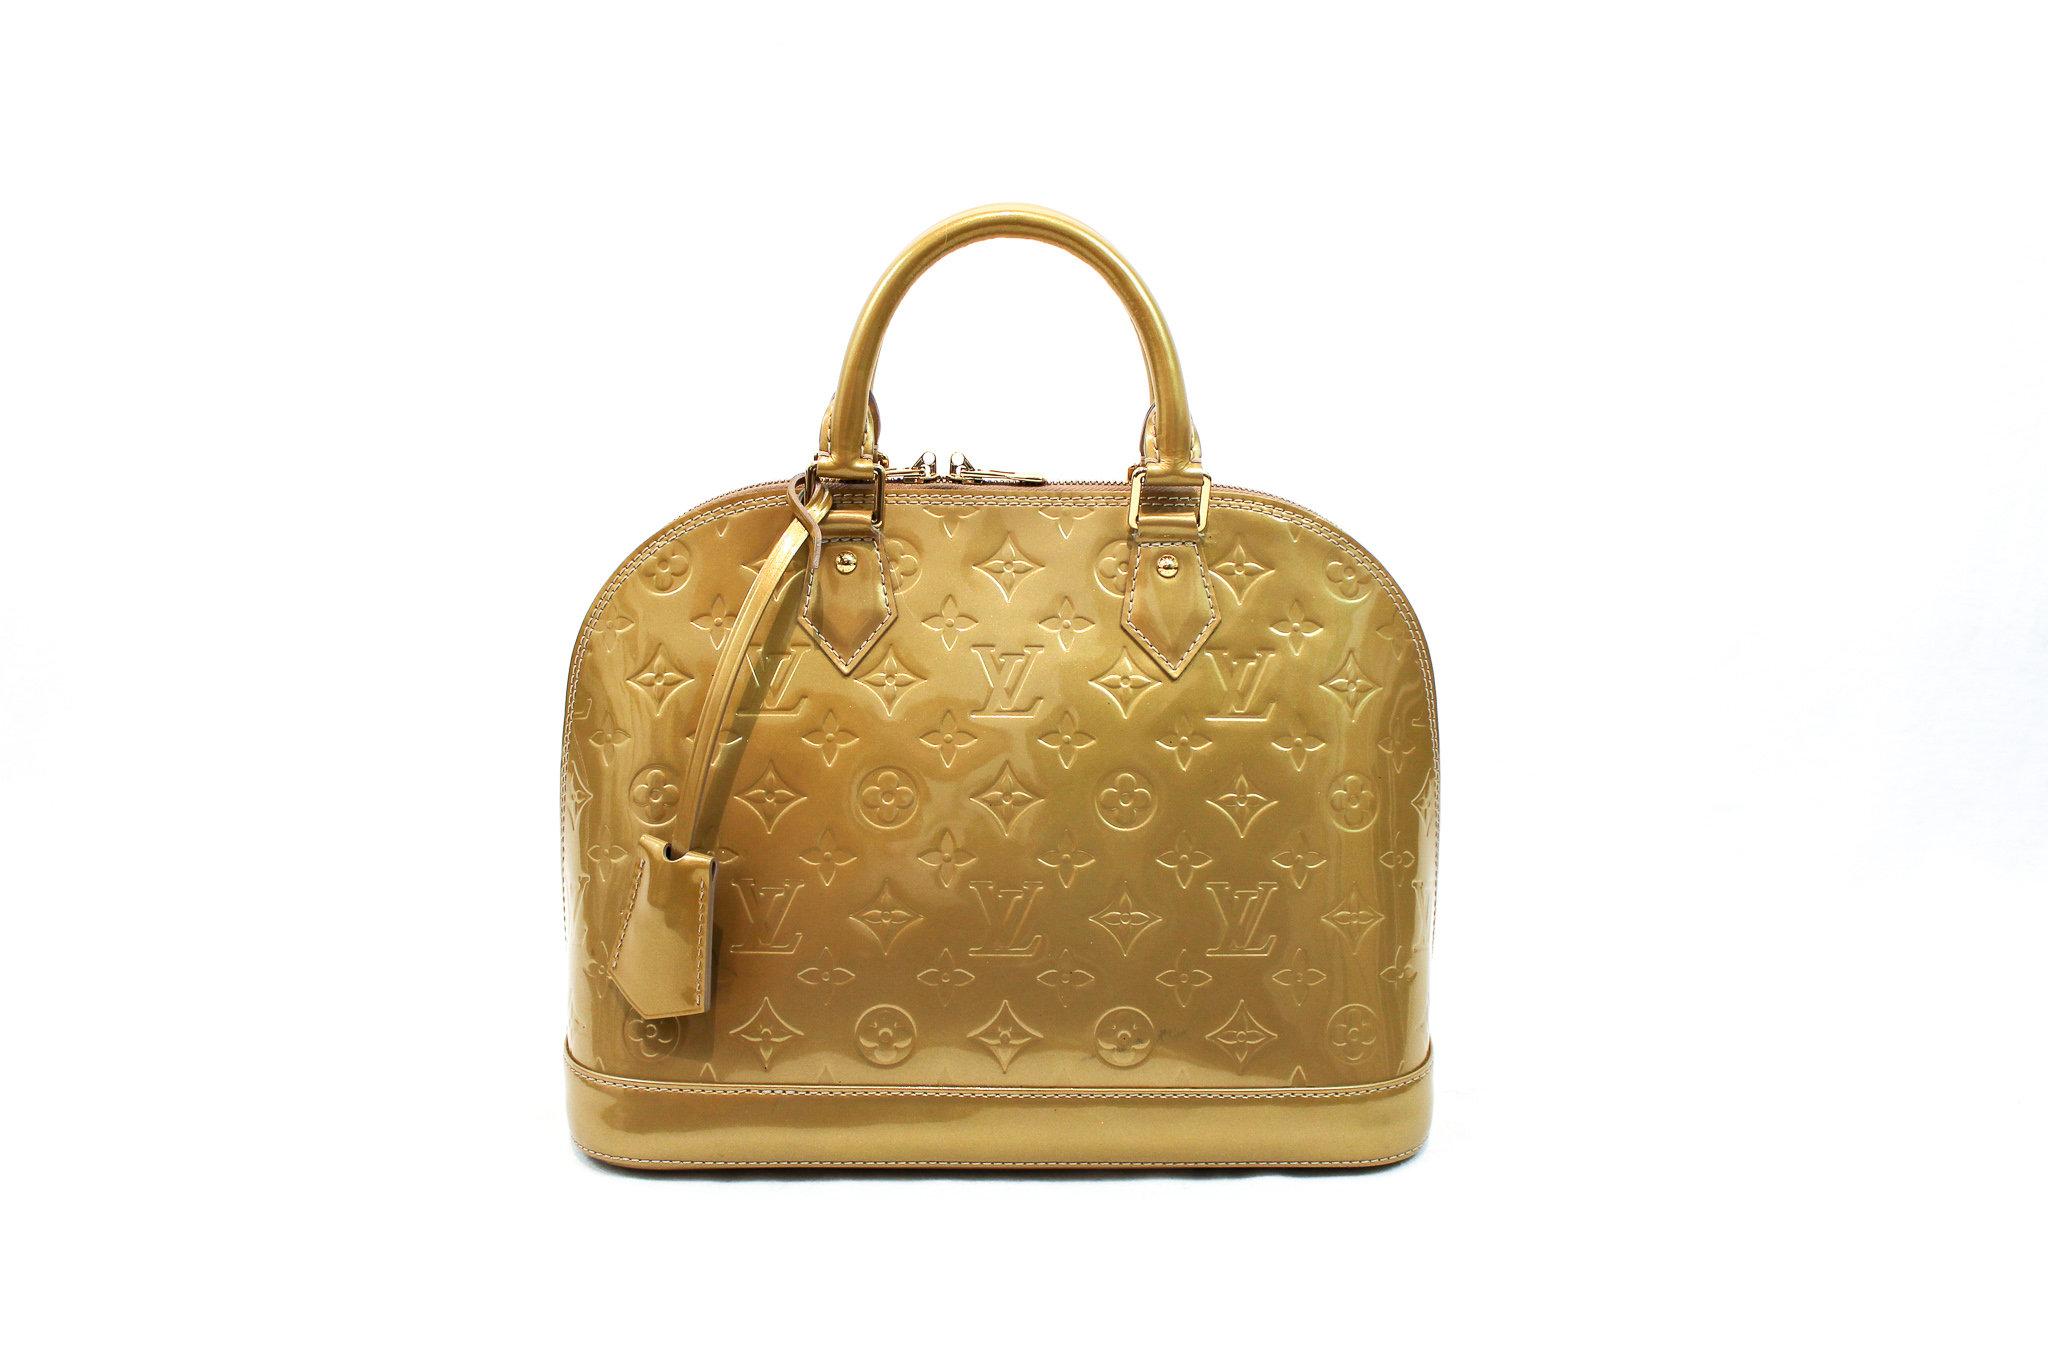 e0d65f06b966 Louis Vuitton Beige Poudre Monogram Vernis Alma PM Bag